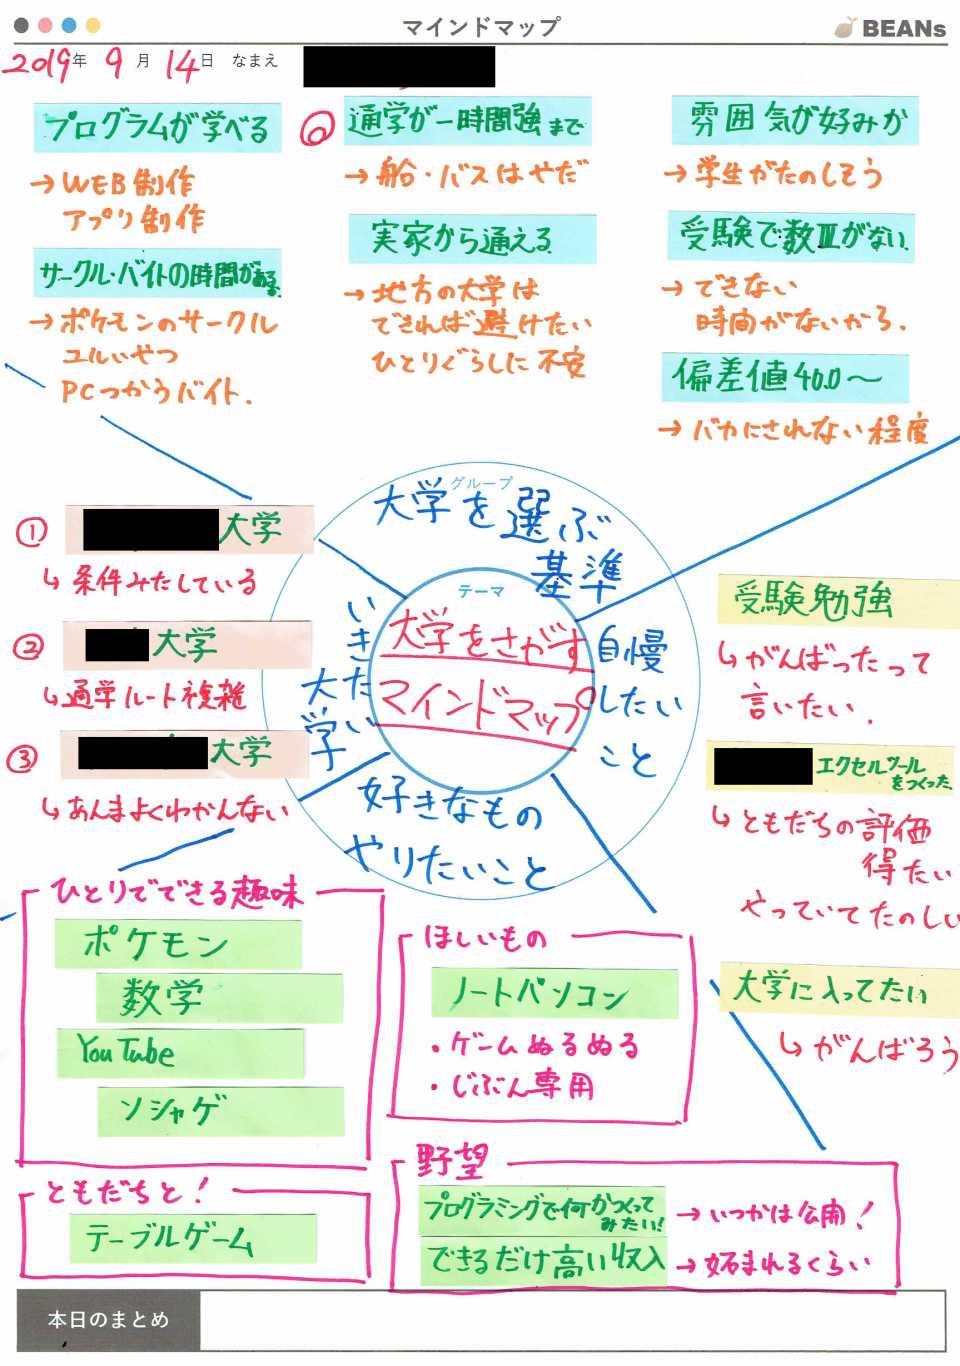 生徒の自尊心を回復するための手順1 事実を書き出すマインドマップ